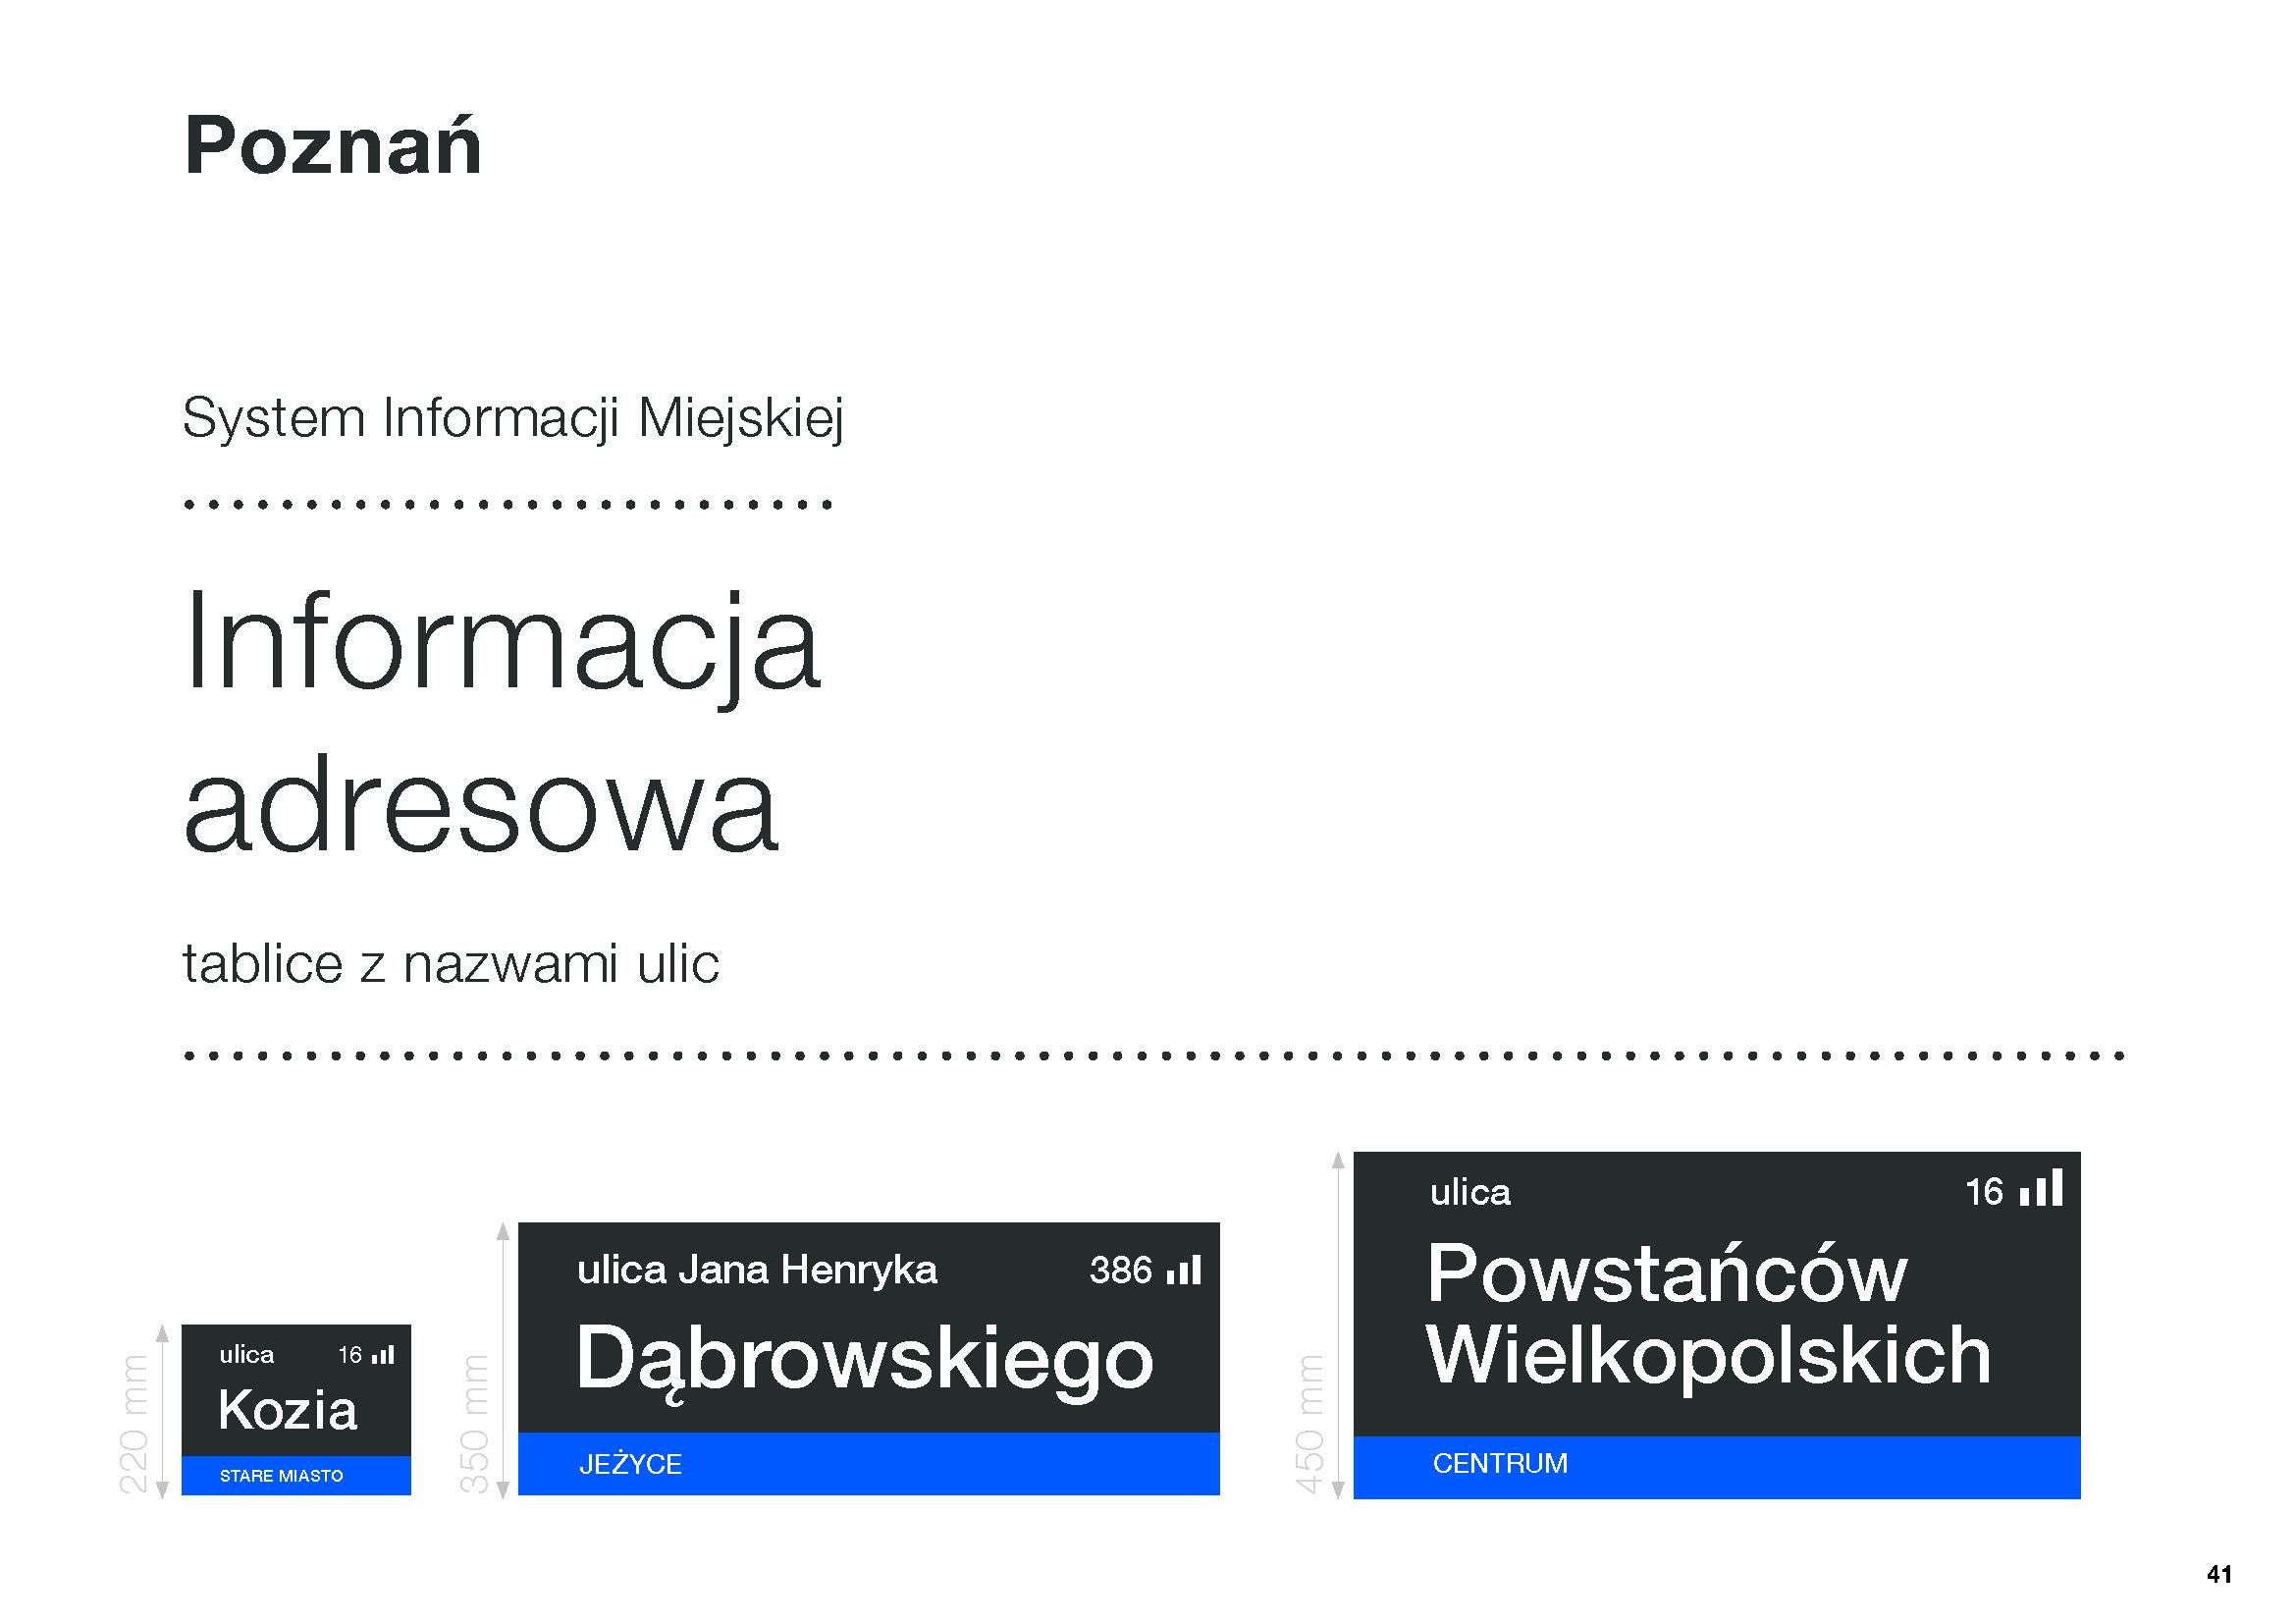 Poznań System Informacji Miejskiej (13)  Foto: